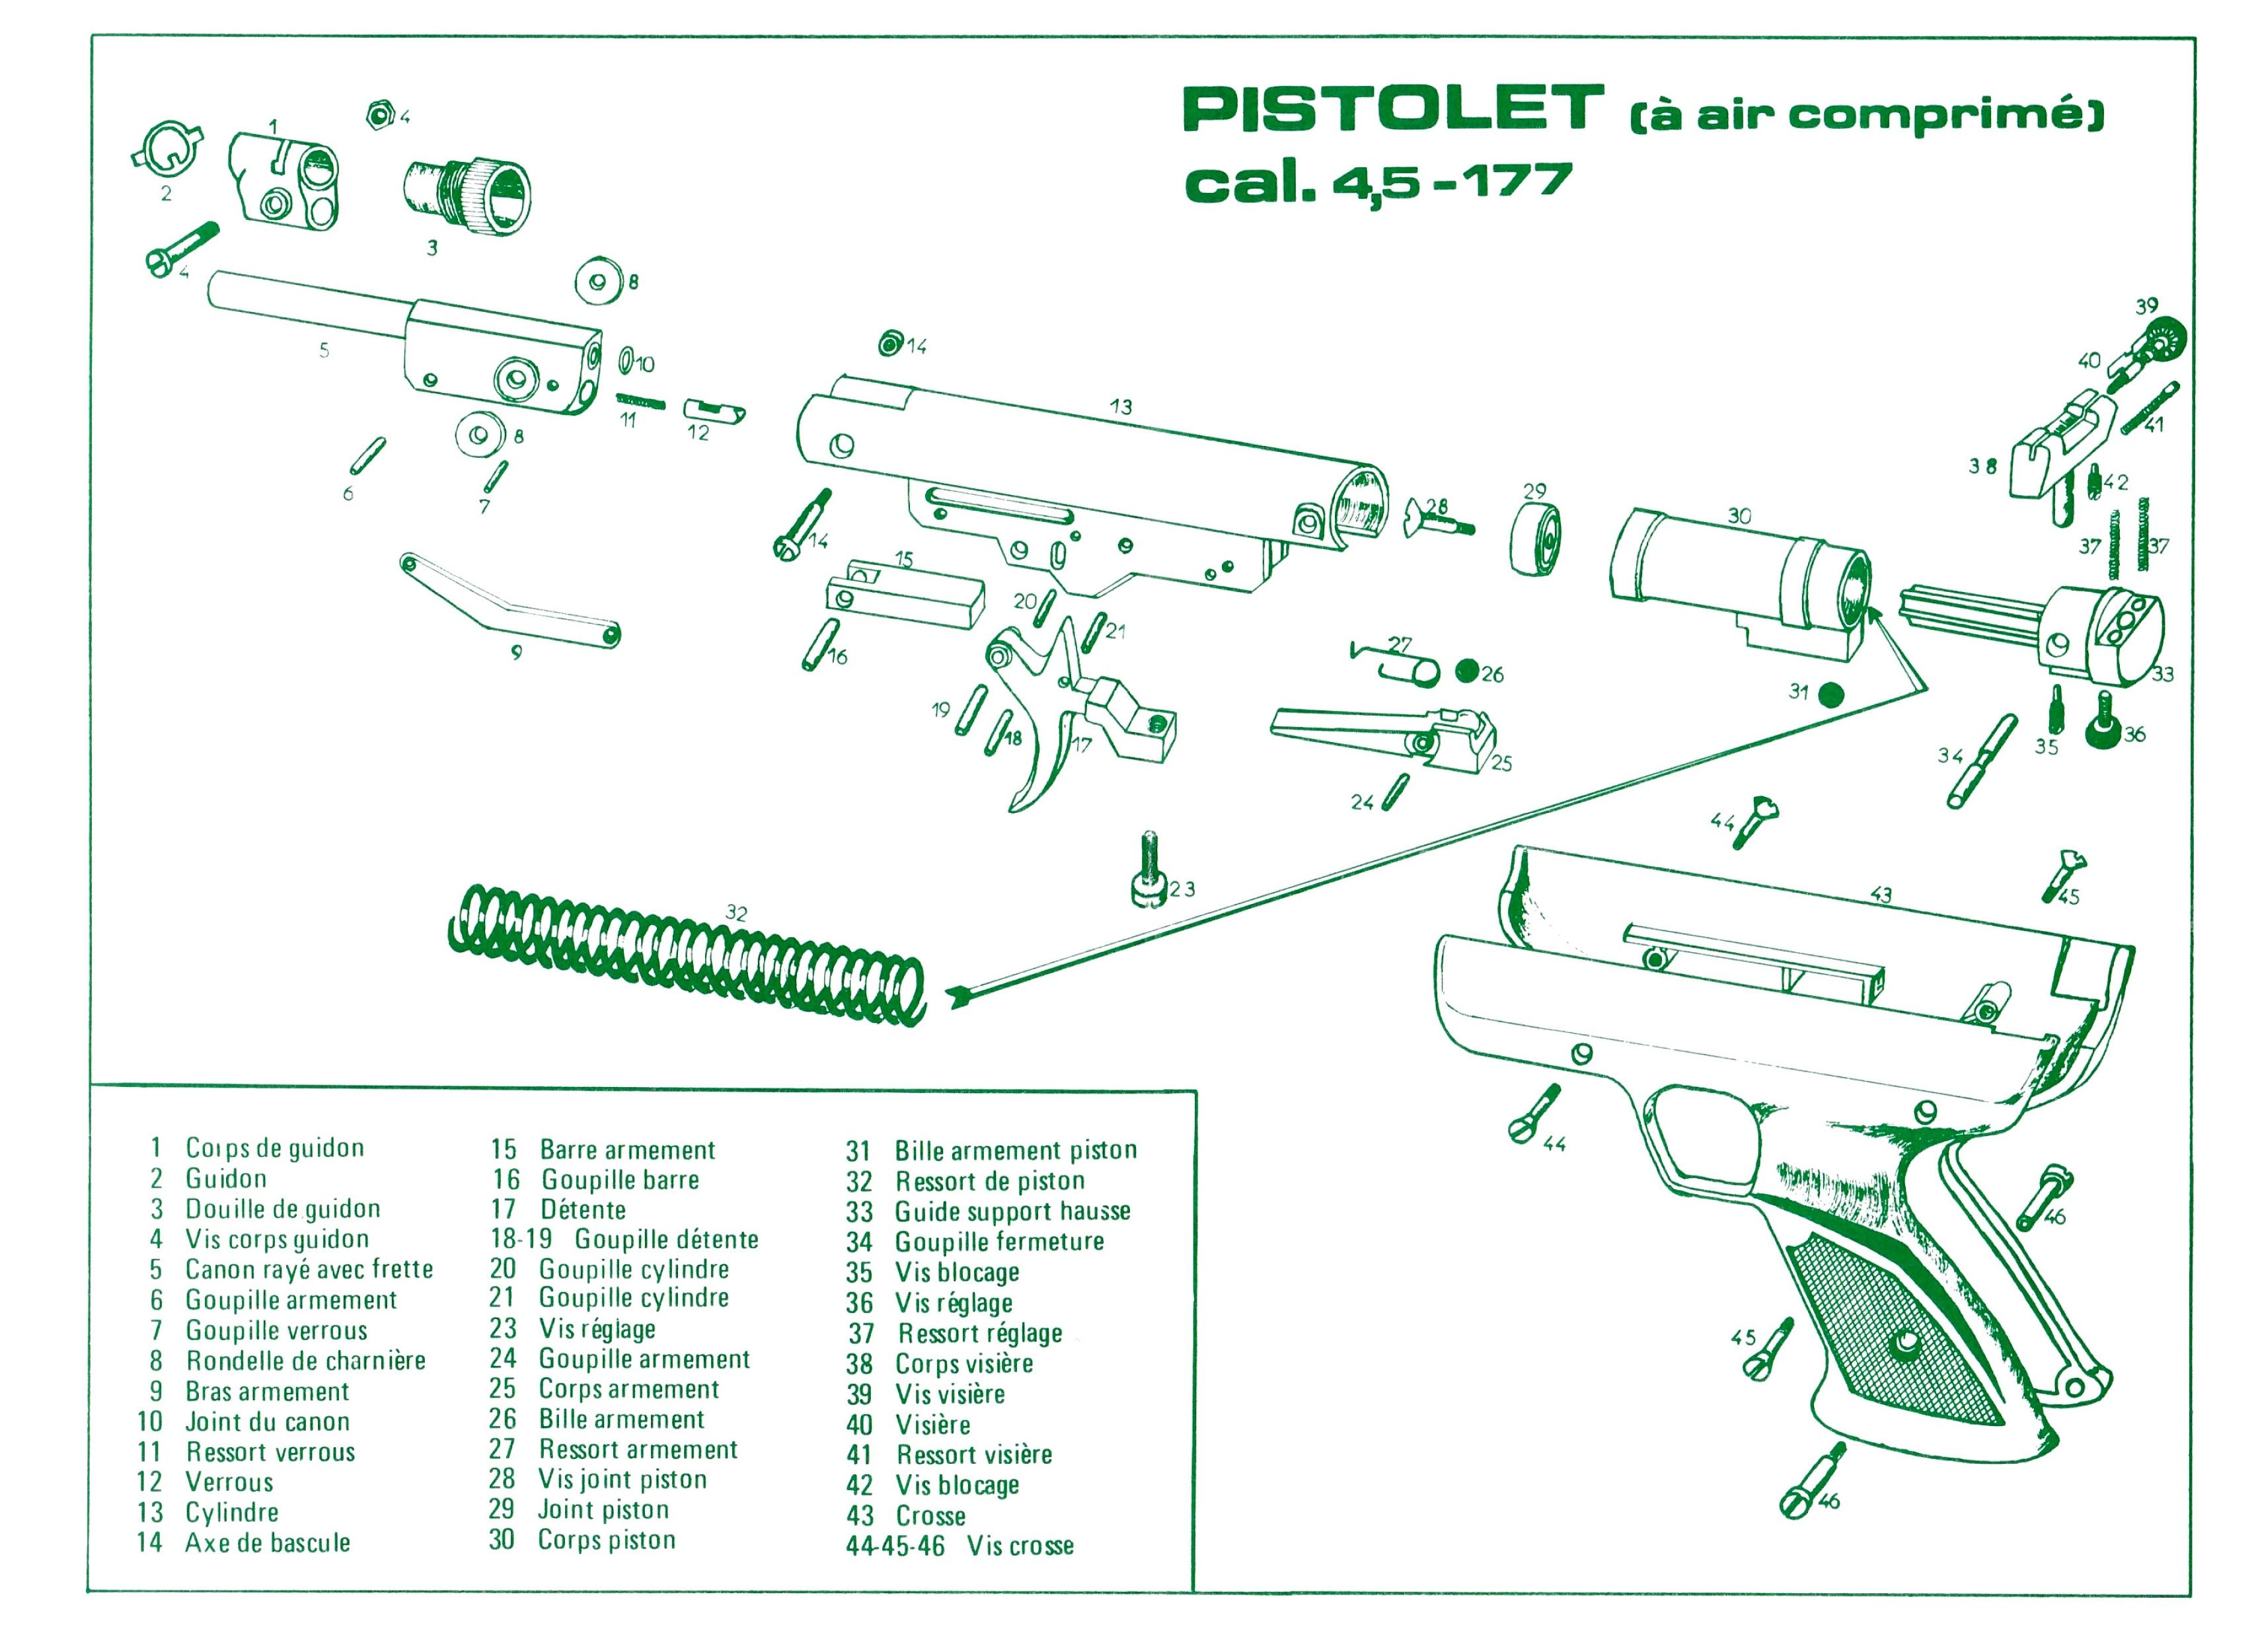 Dessin en éclaté des éléments mécaniques composant le pistolet, tel qu'il figure sur le petit feuillet accompagnant le modèle PA.